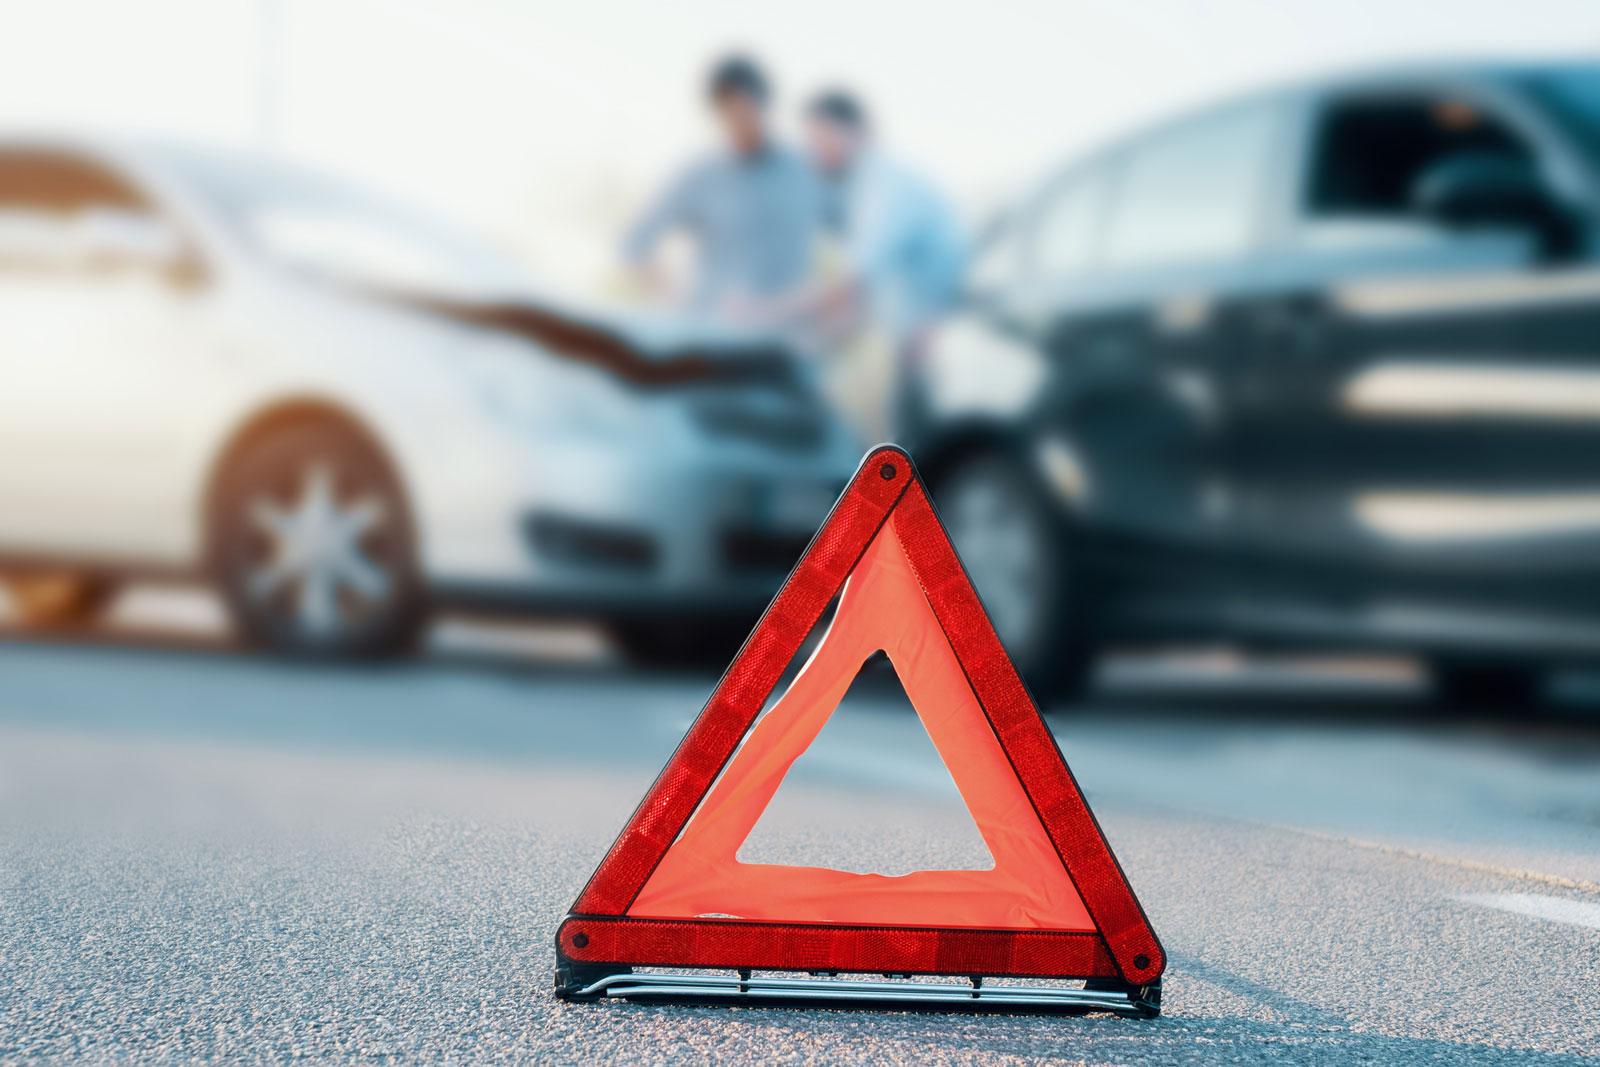 Entscheidende Frage bei einem Unfall: Wer ist der Verursacher?